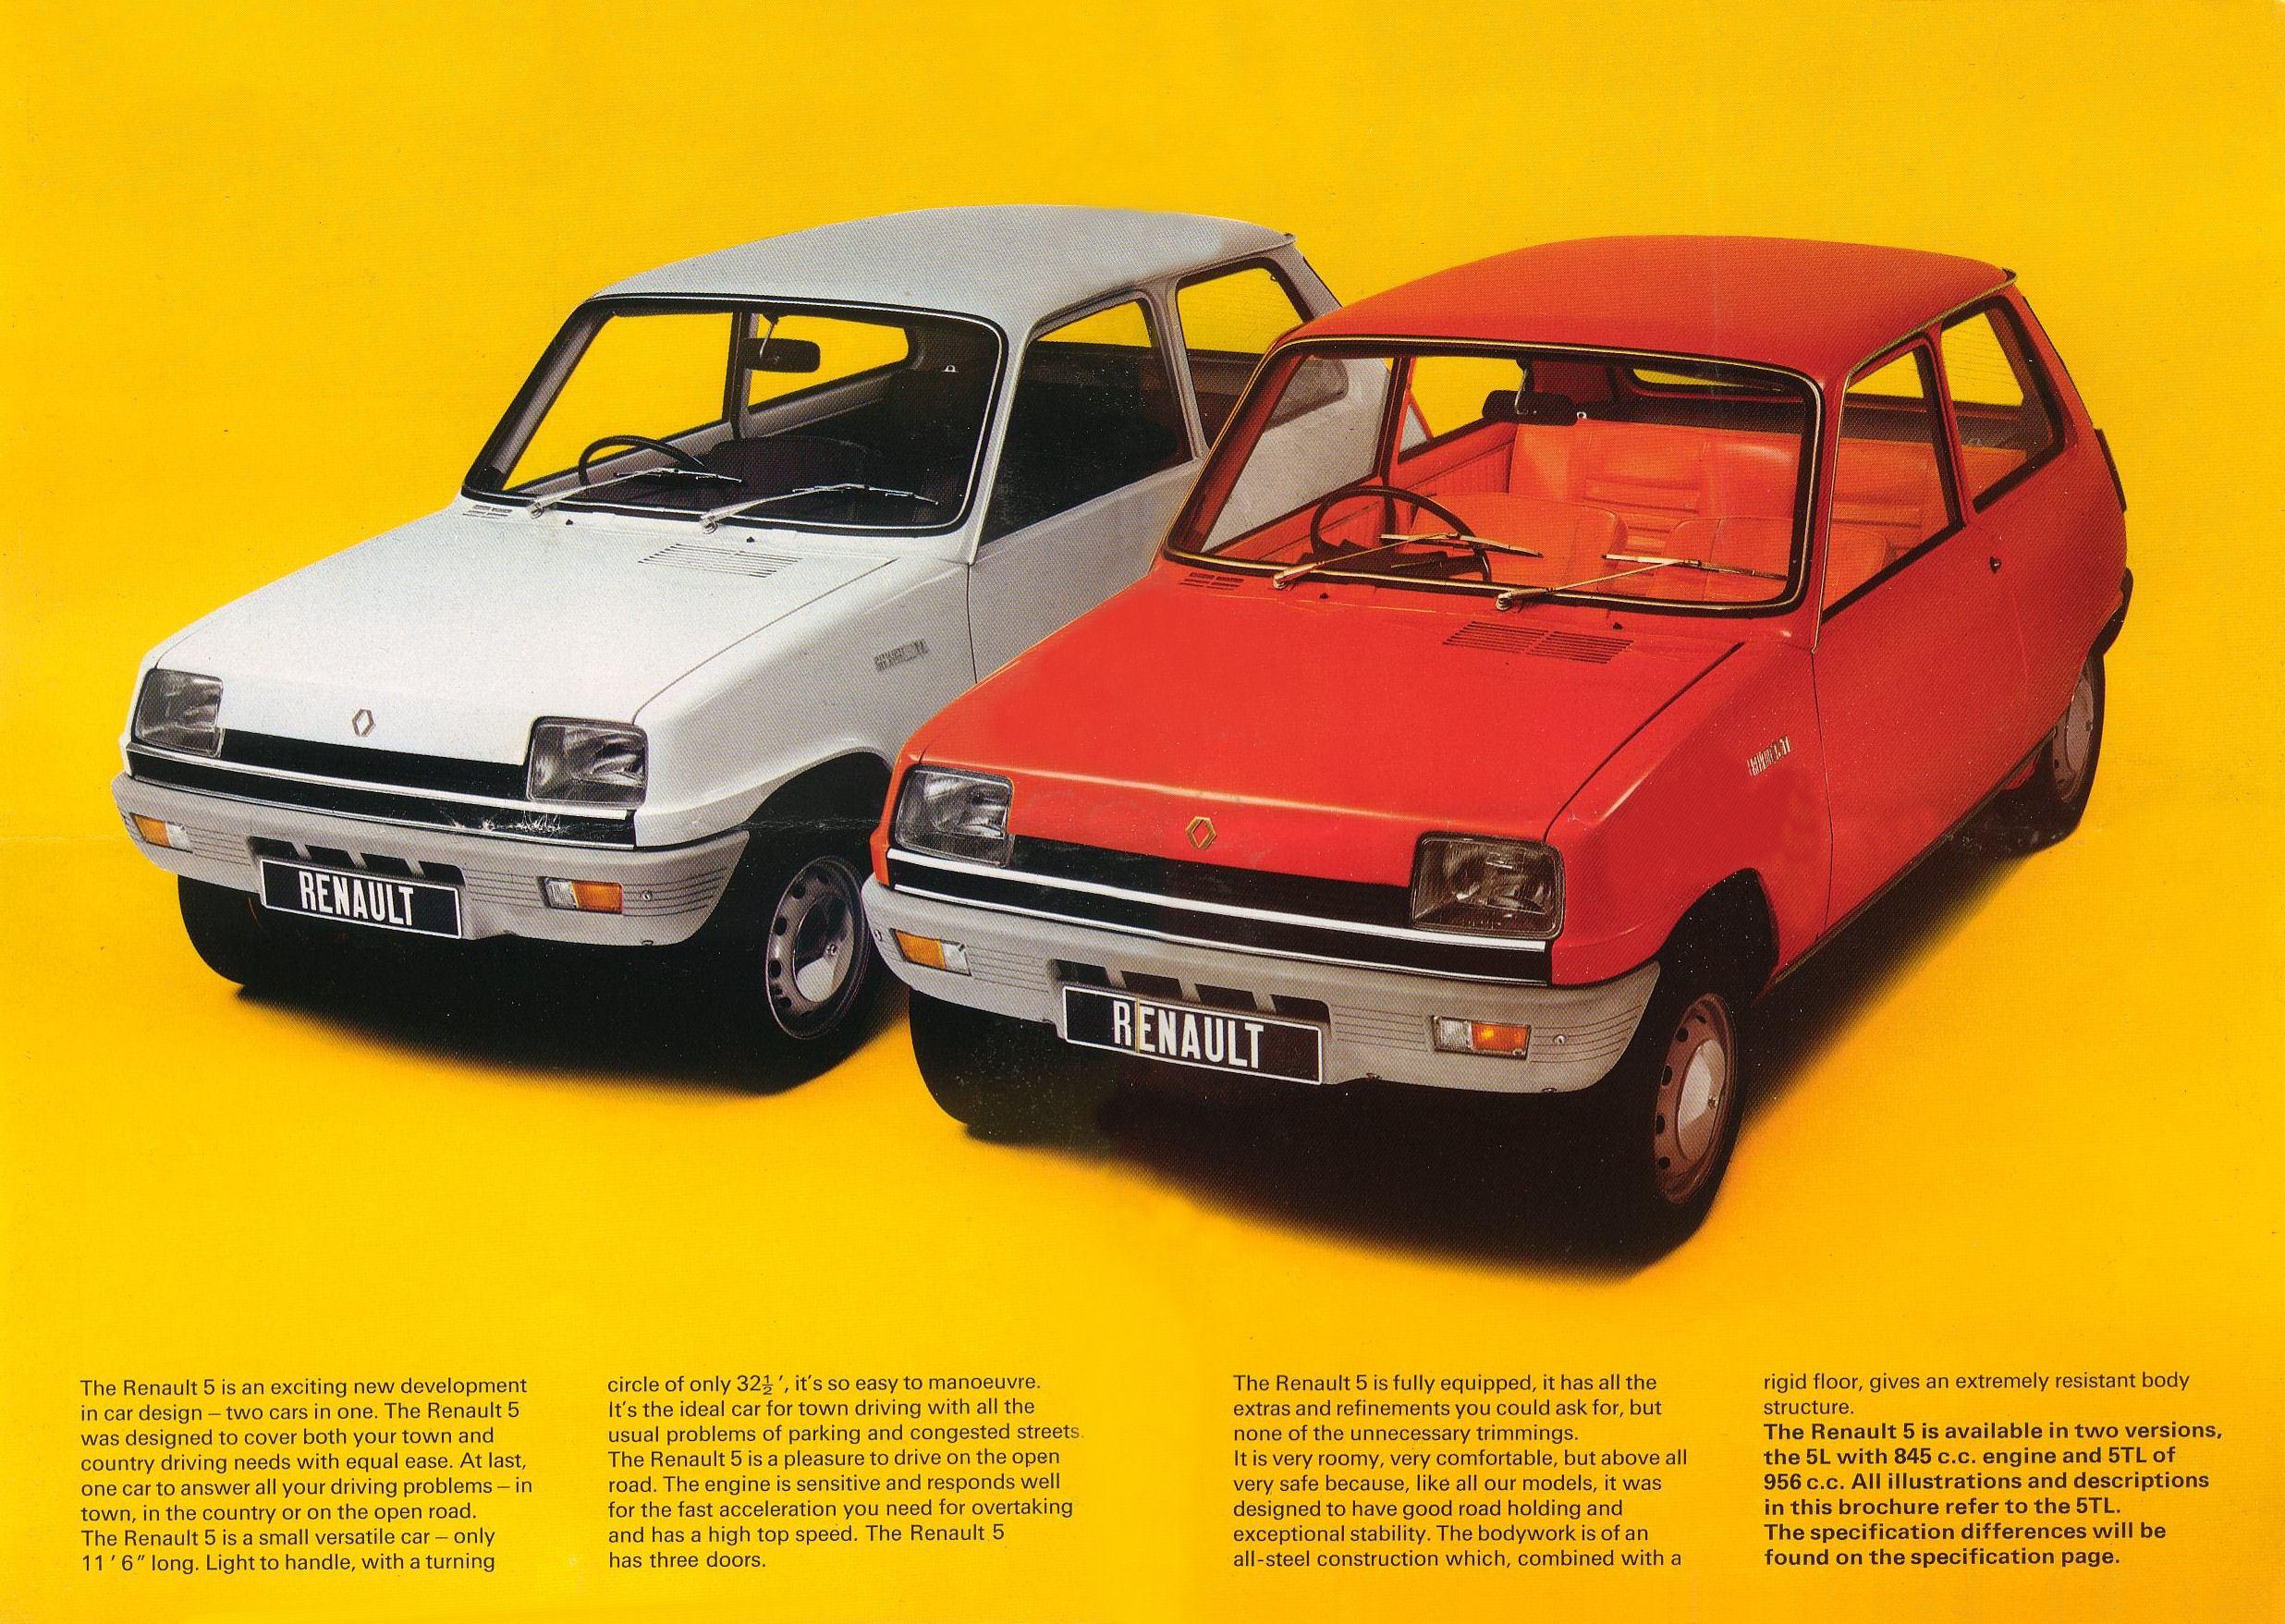 Hvit eller rød? Spiller ingen rolle. Renault 5 ser svært så harmonisk ut uansett.